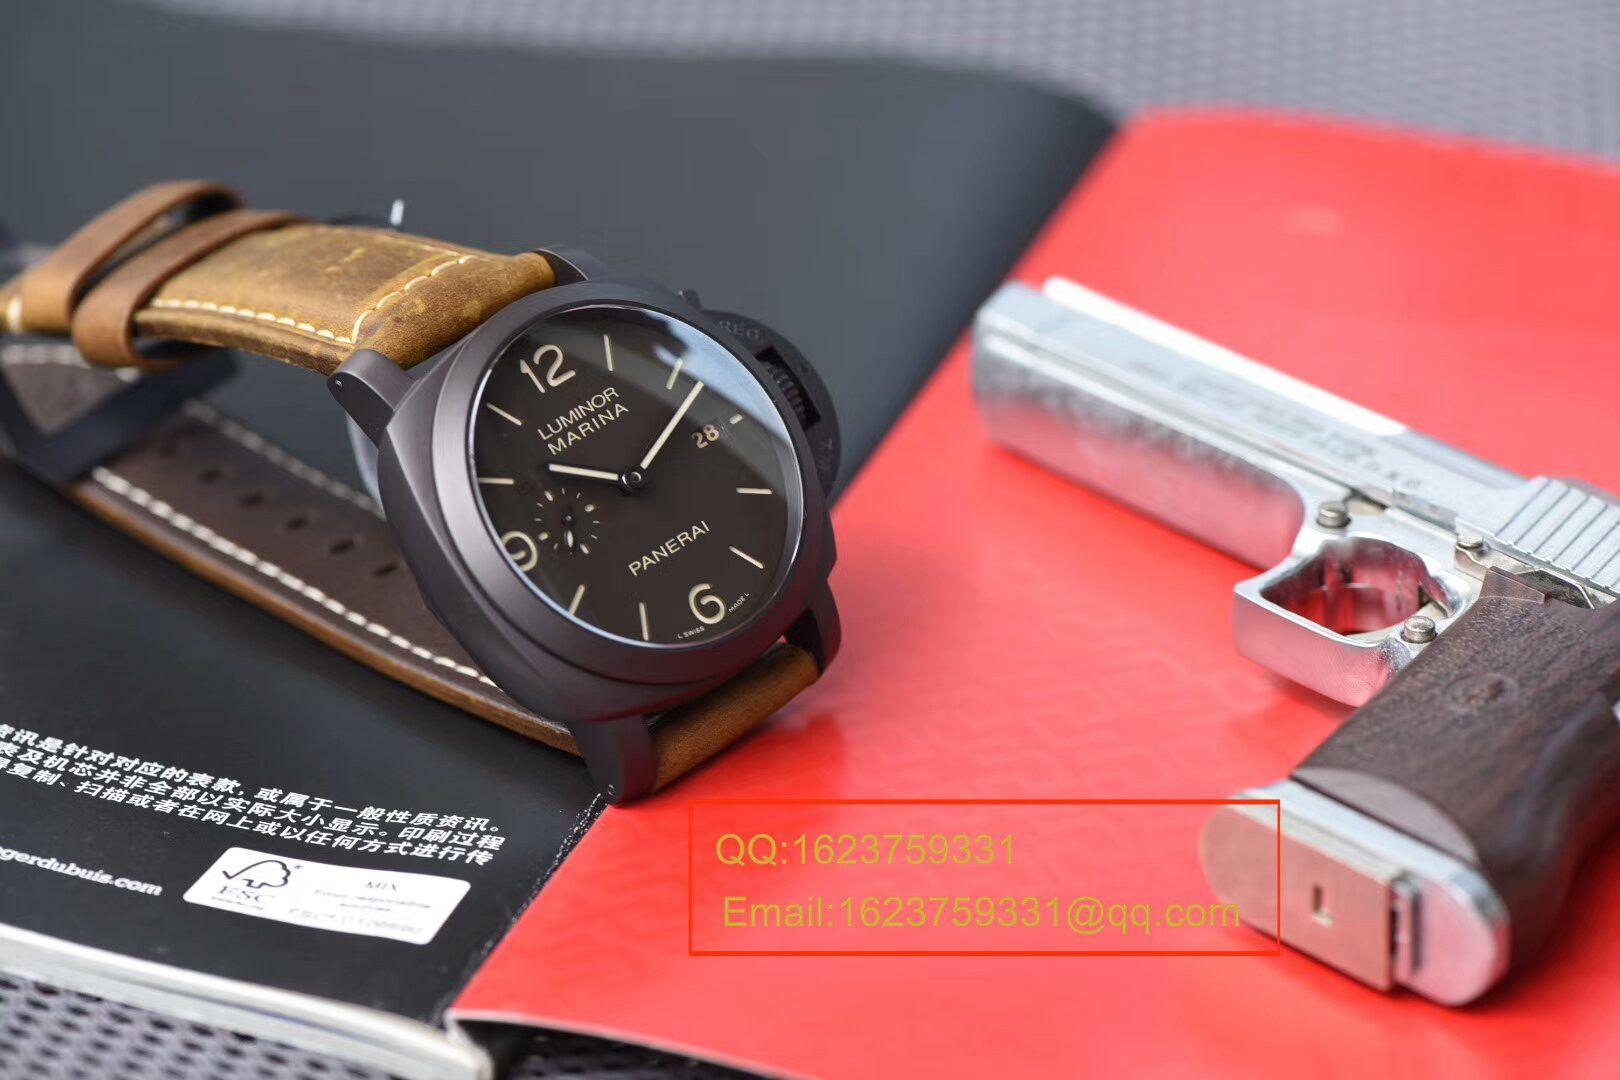 视频评测沛纳海LUMINOR 1950系列PAM 00386腕表【VS厂一比一复刻手表】